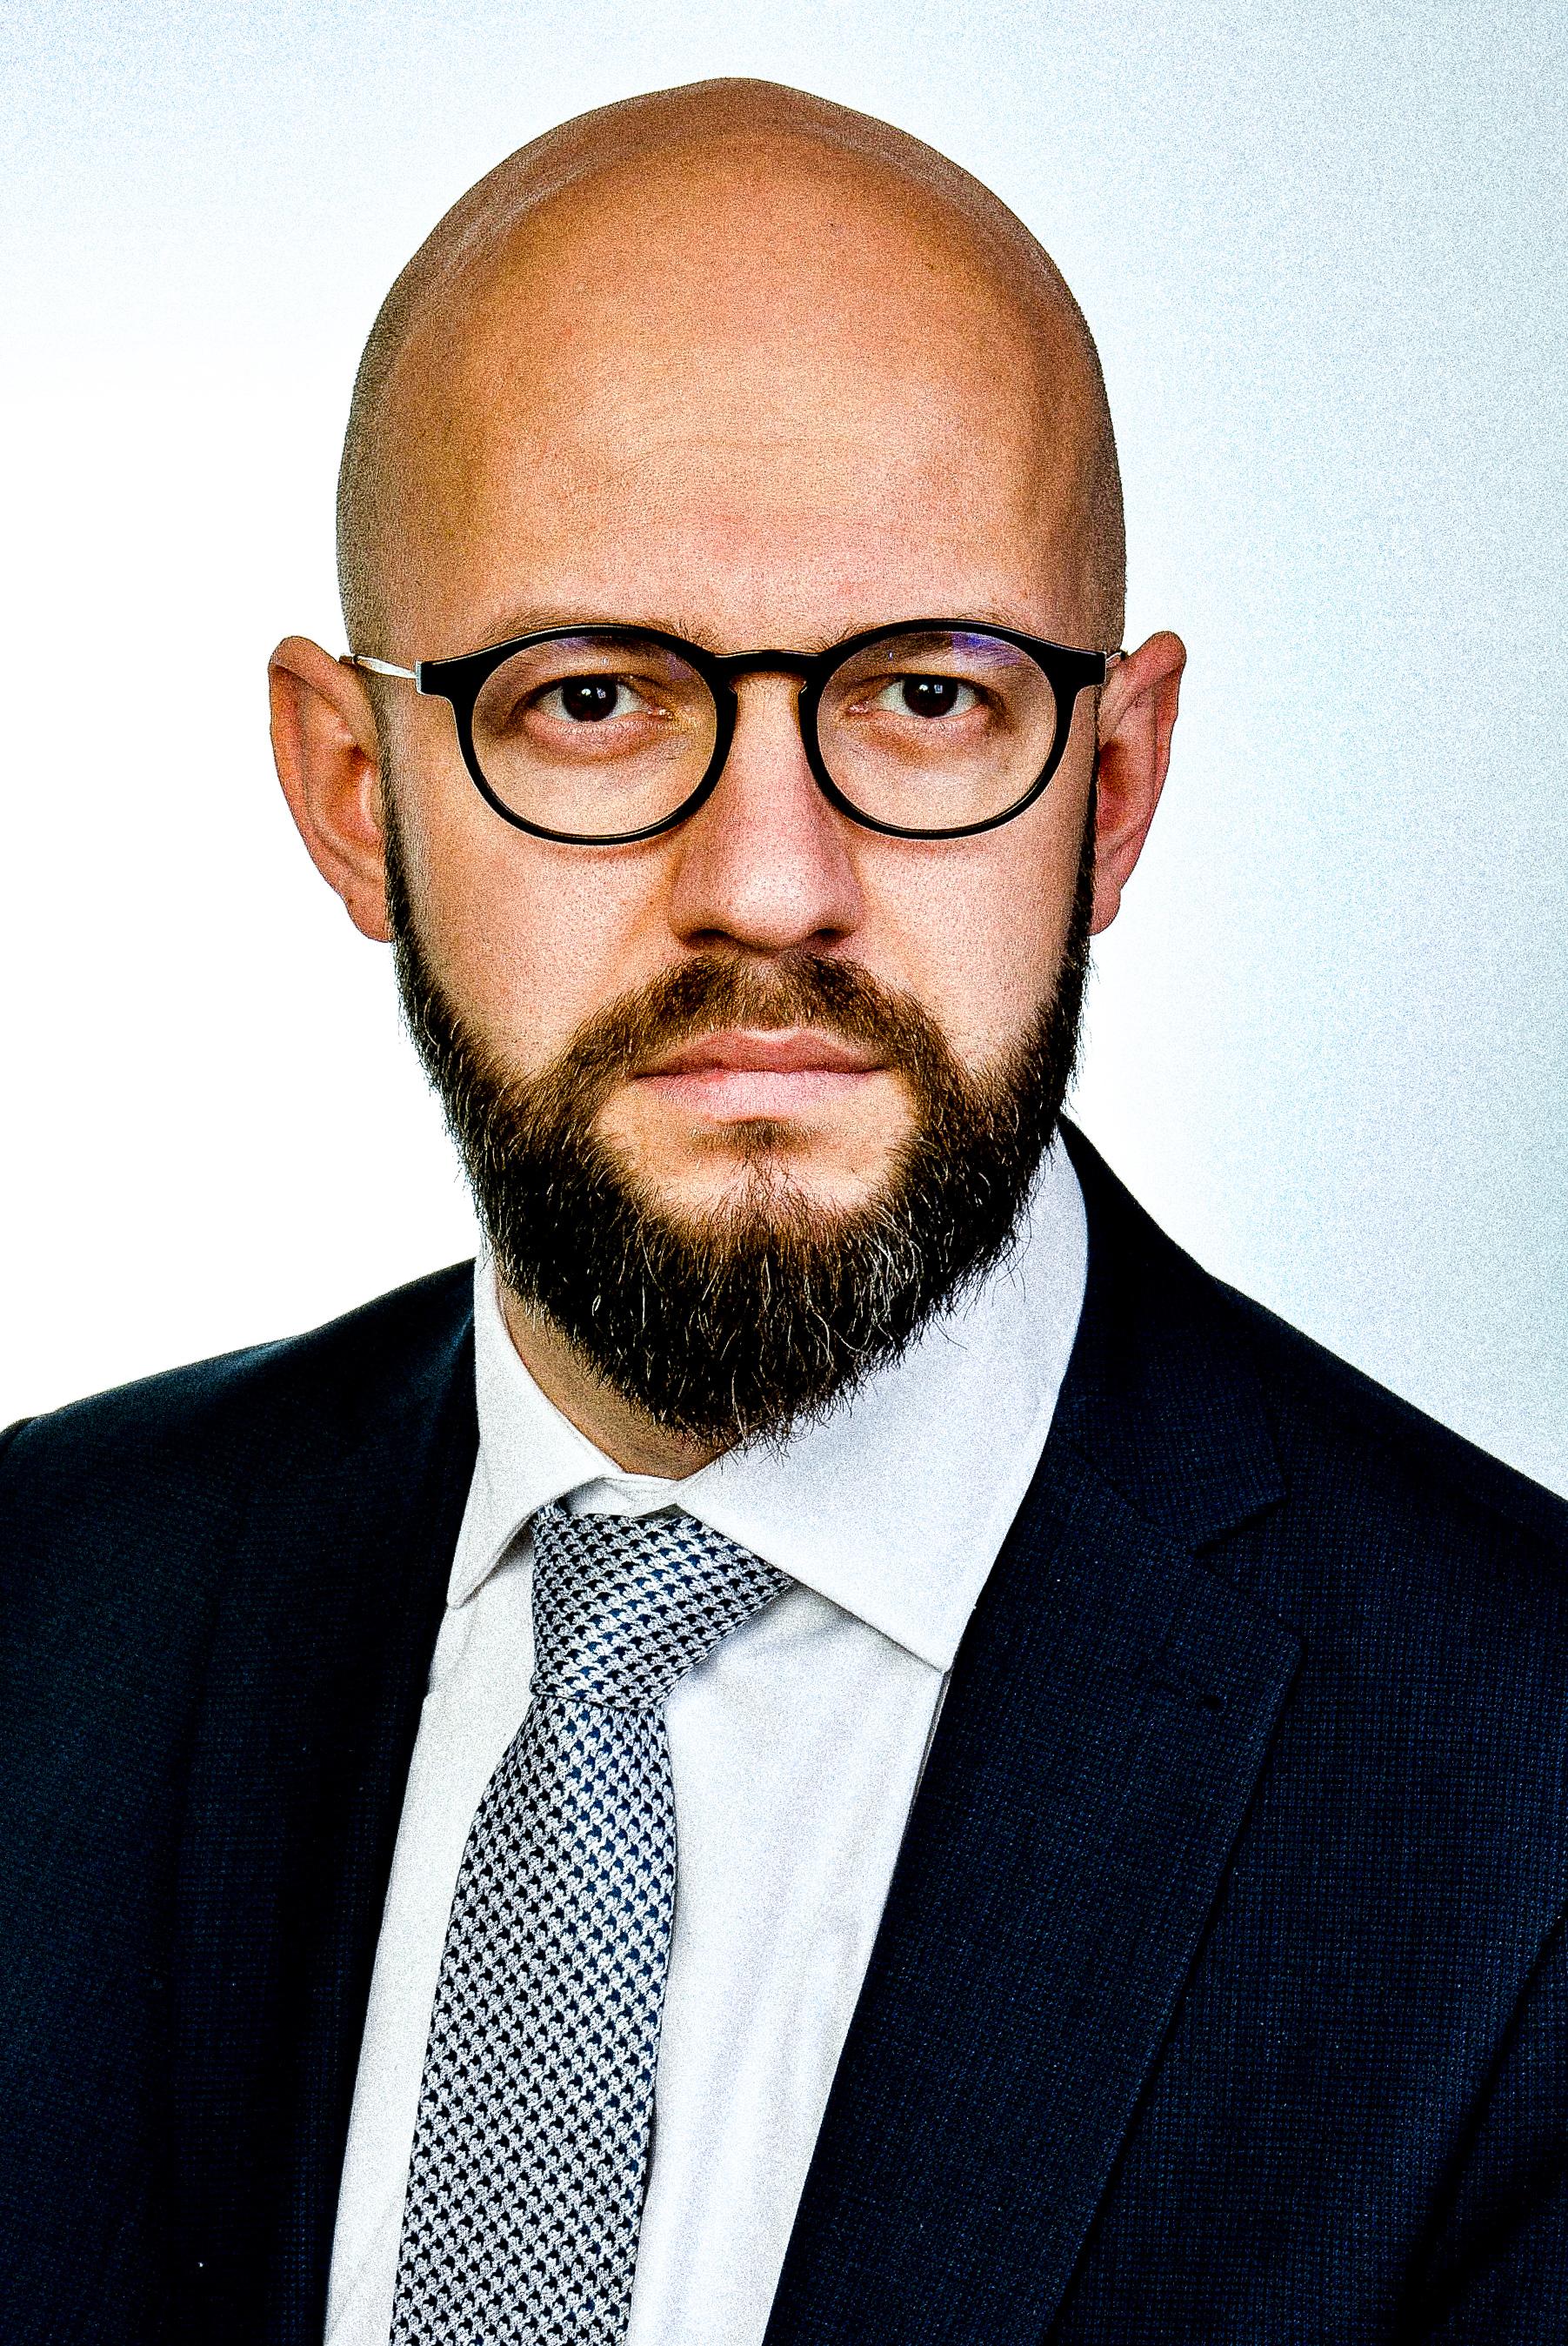 Tomasz Dziedzic